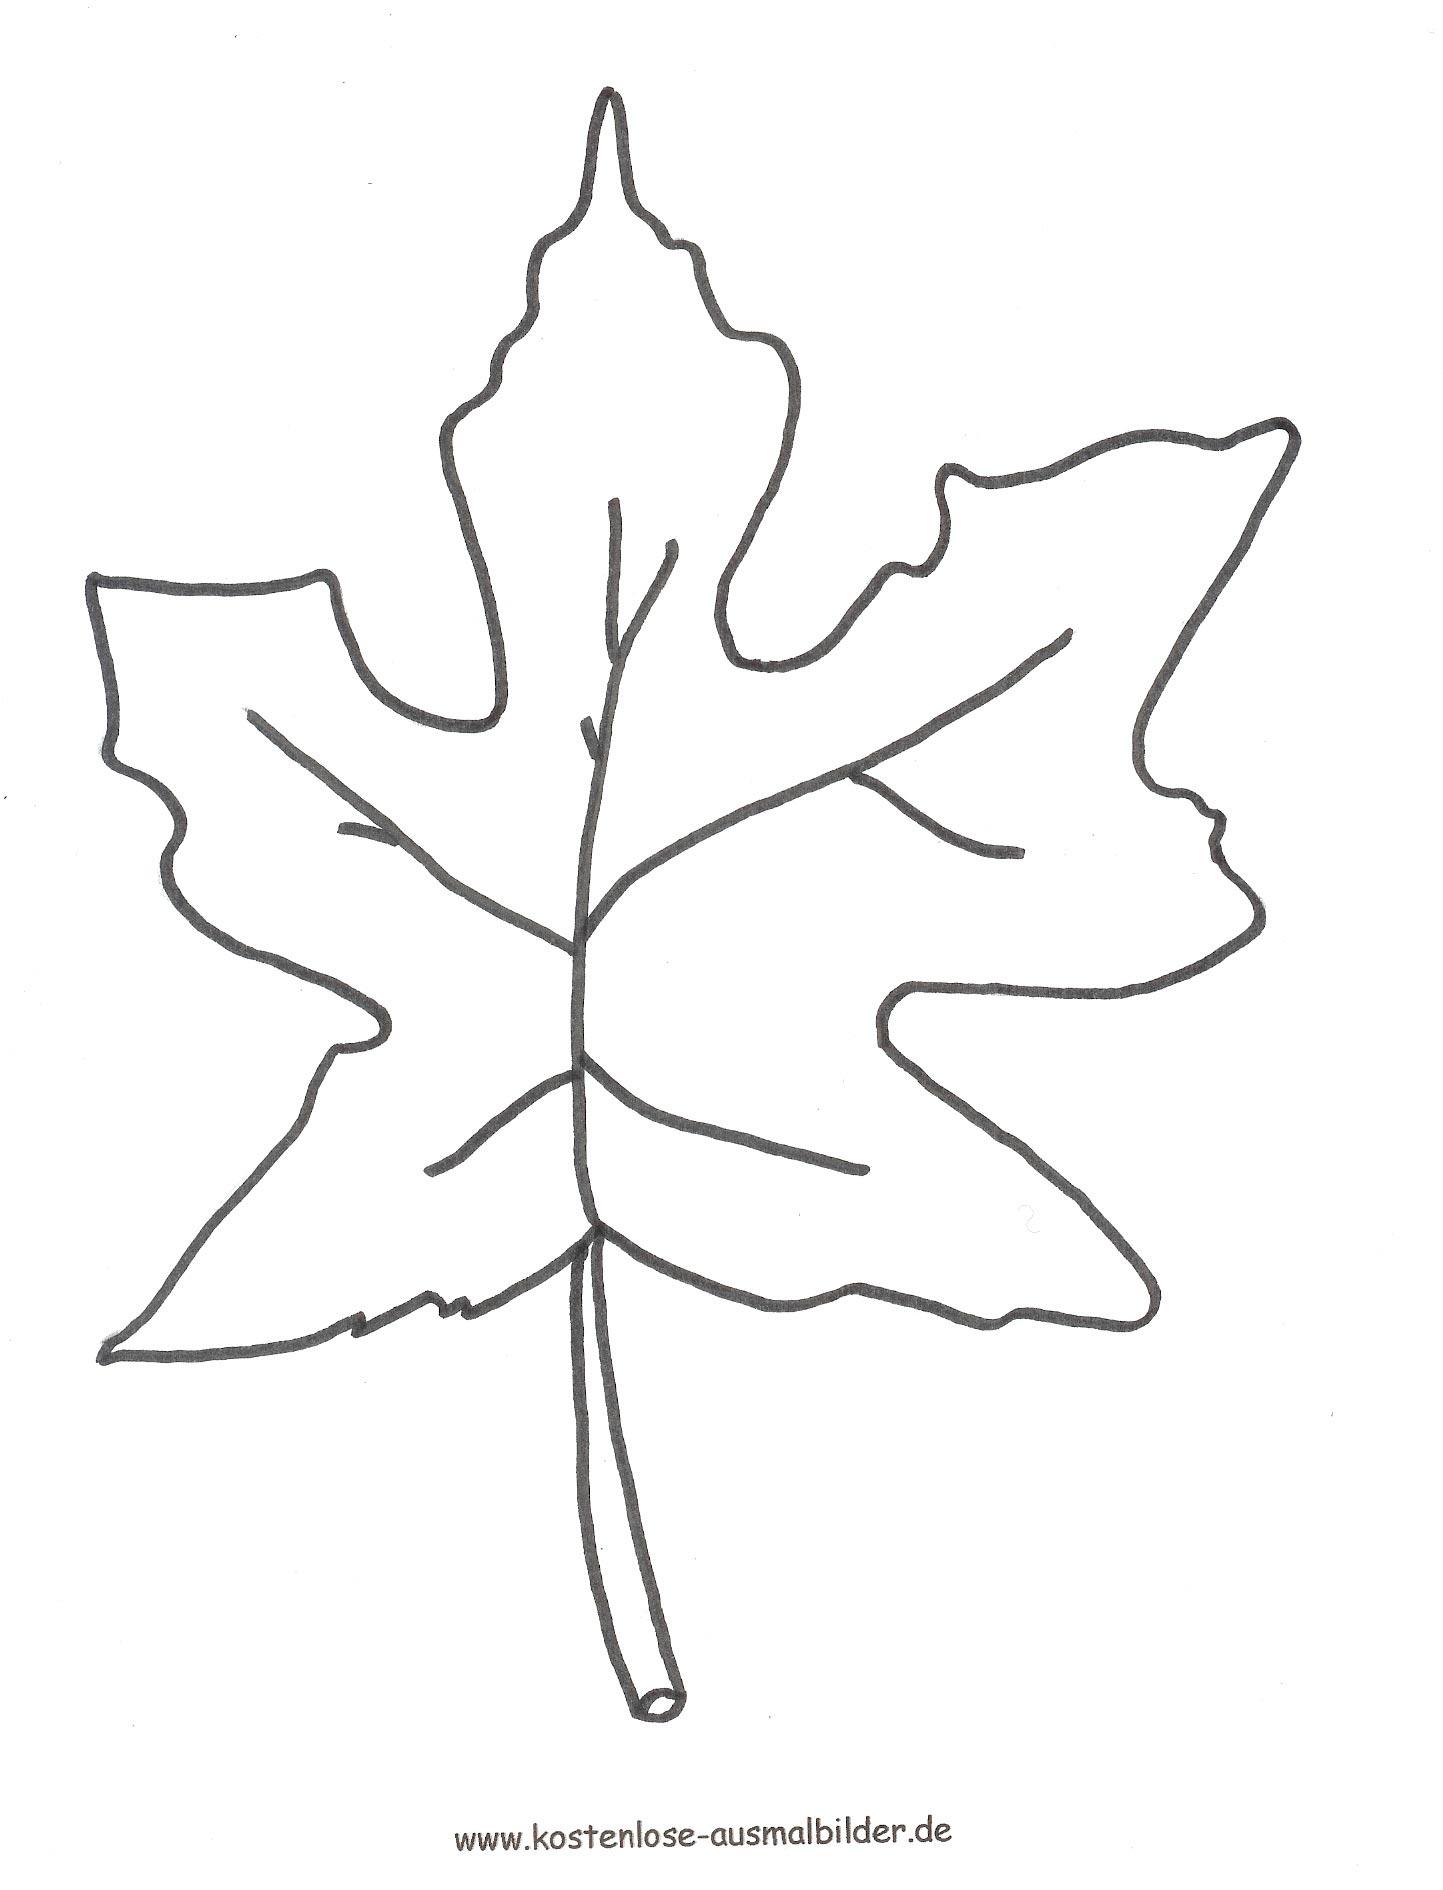 Blätter Zum Ausdrucken - kinderbilderdownload